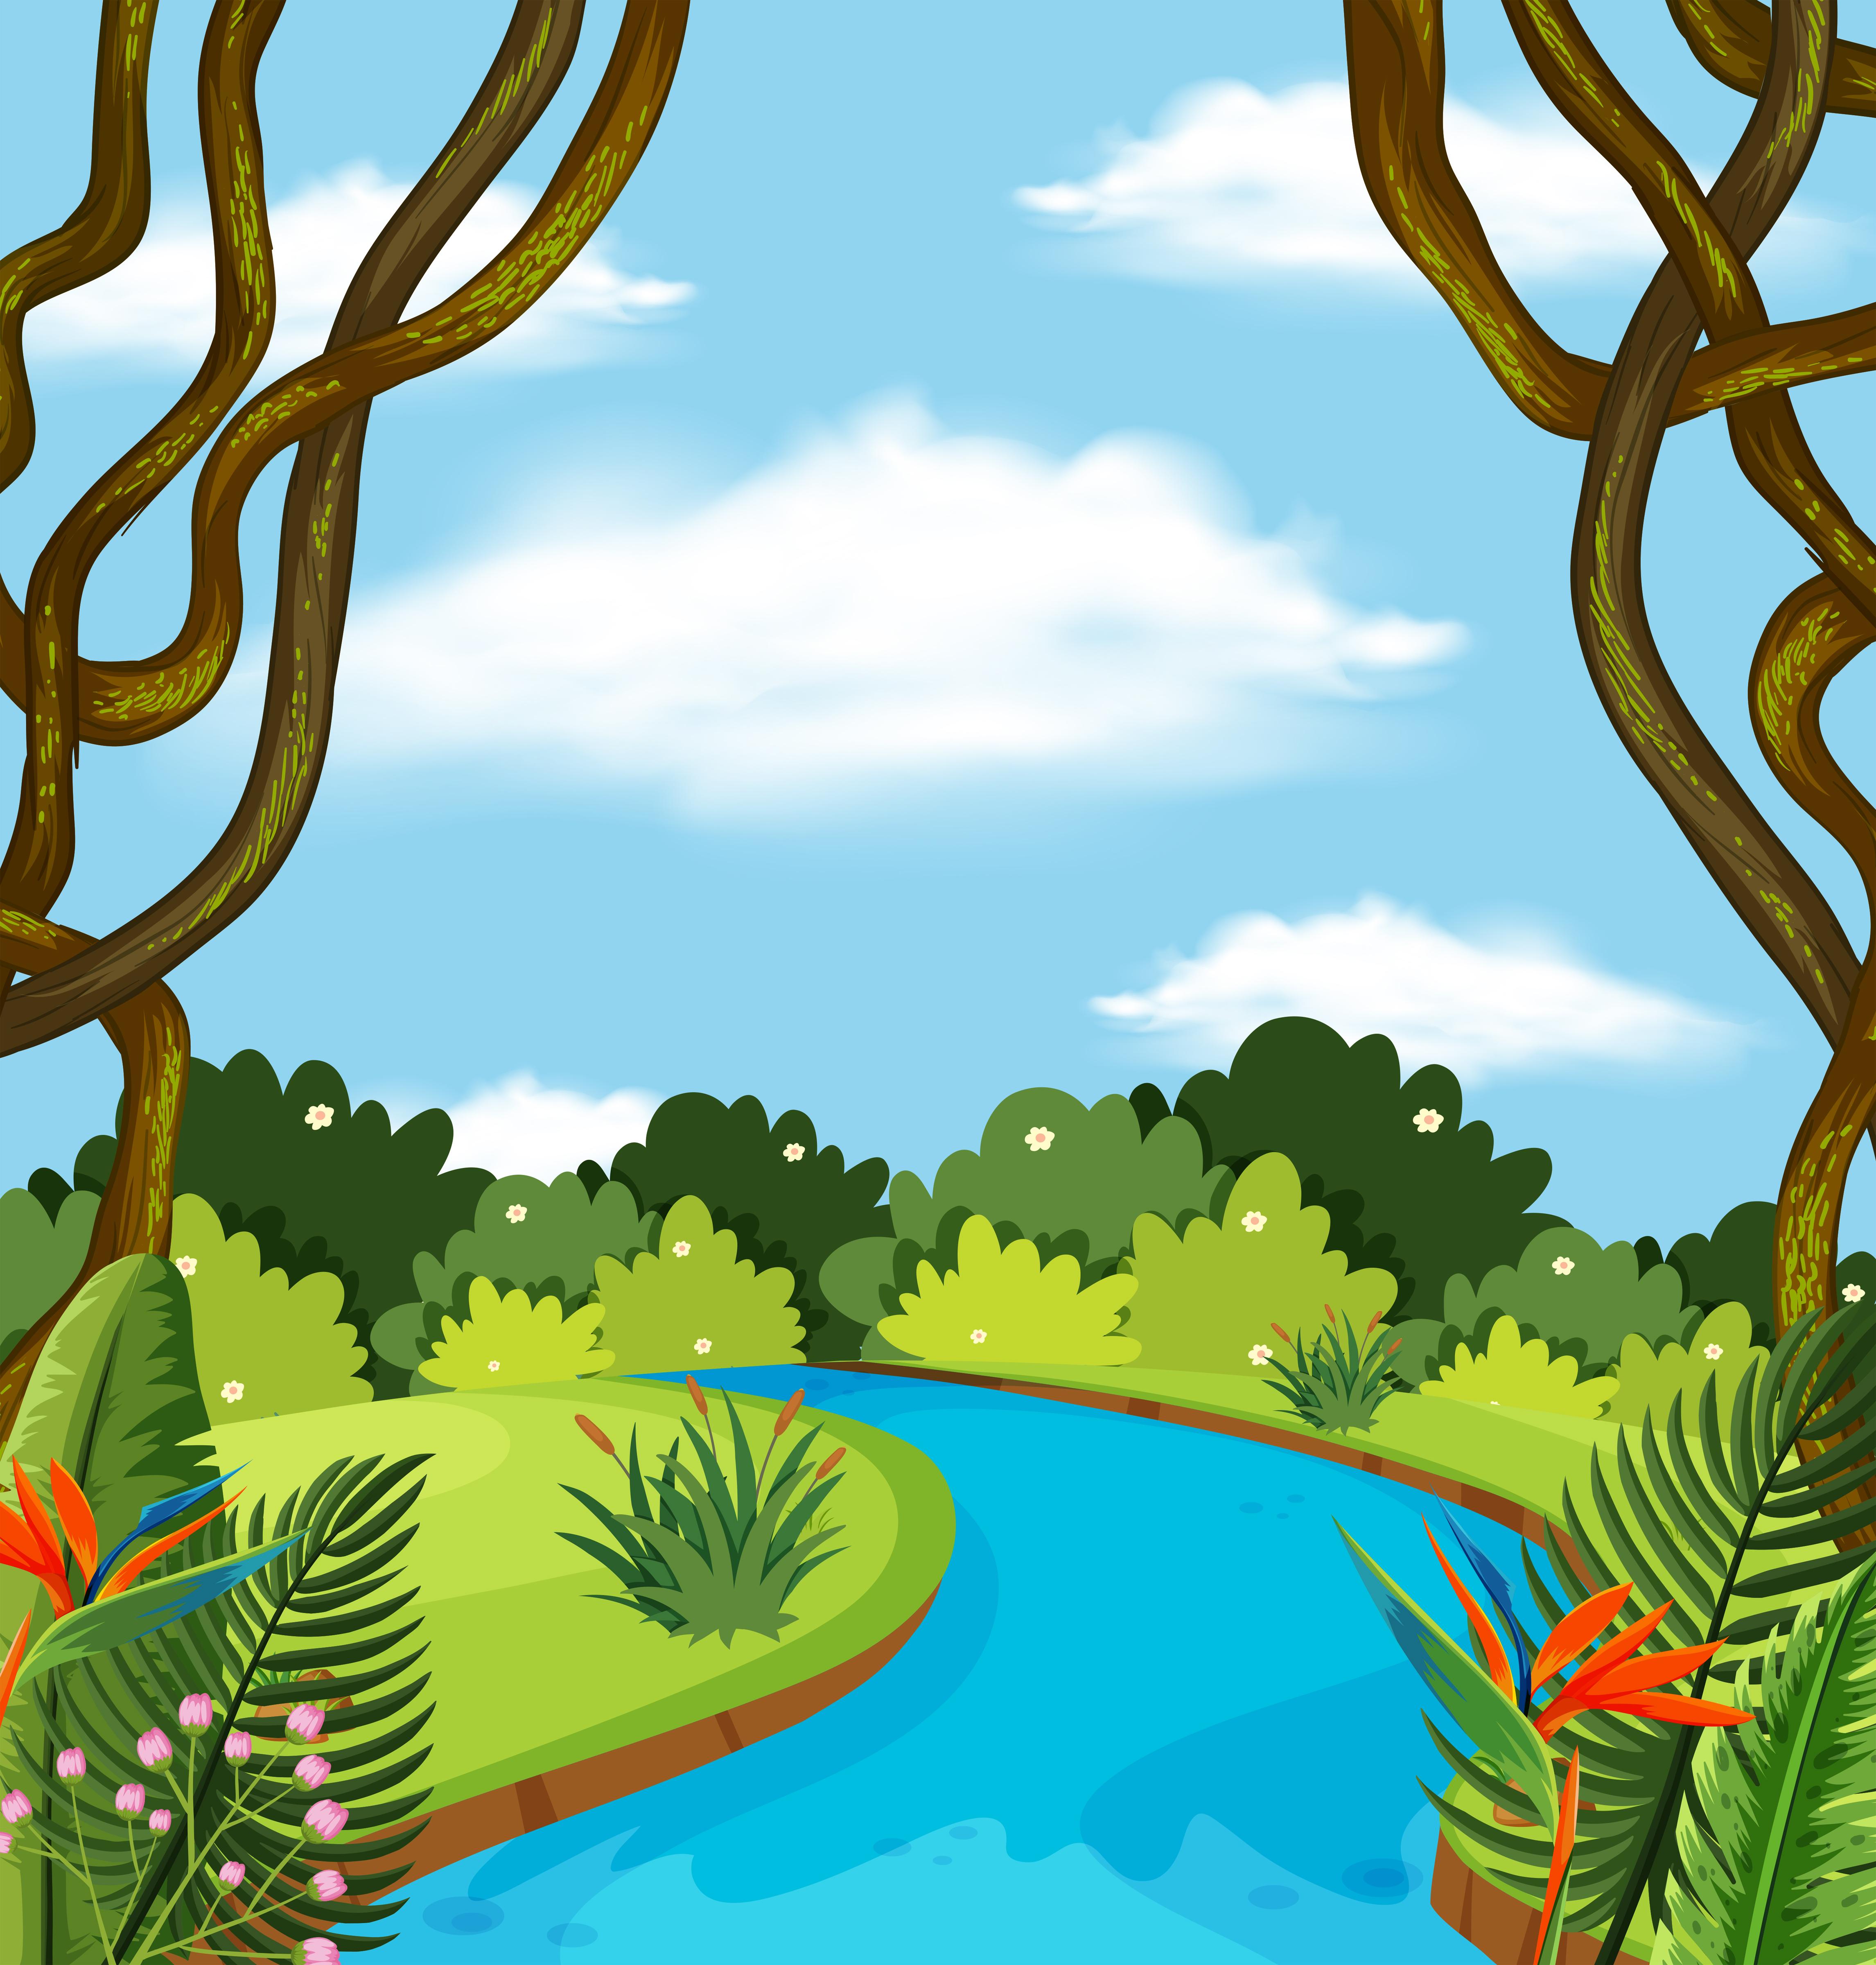 Une rivière dans le paysage forestier - Telecharger ...